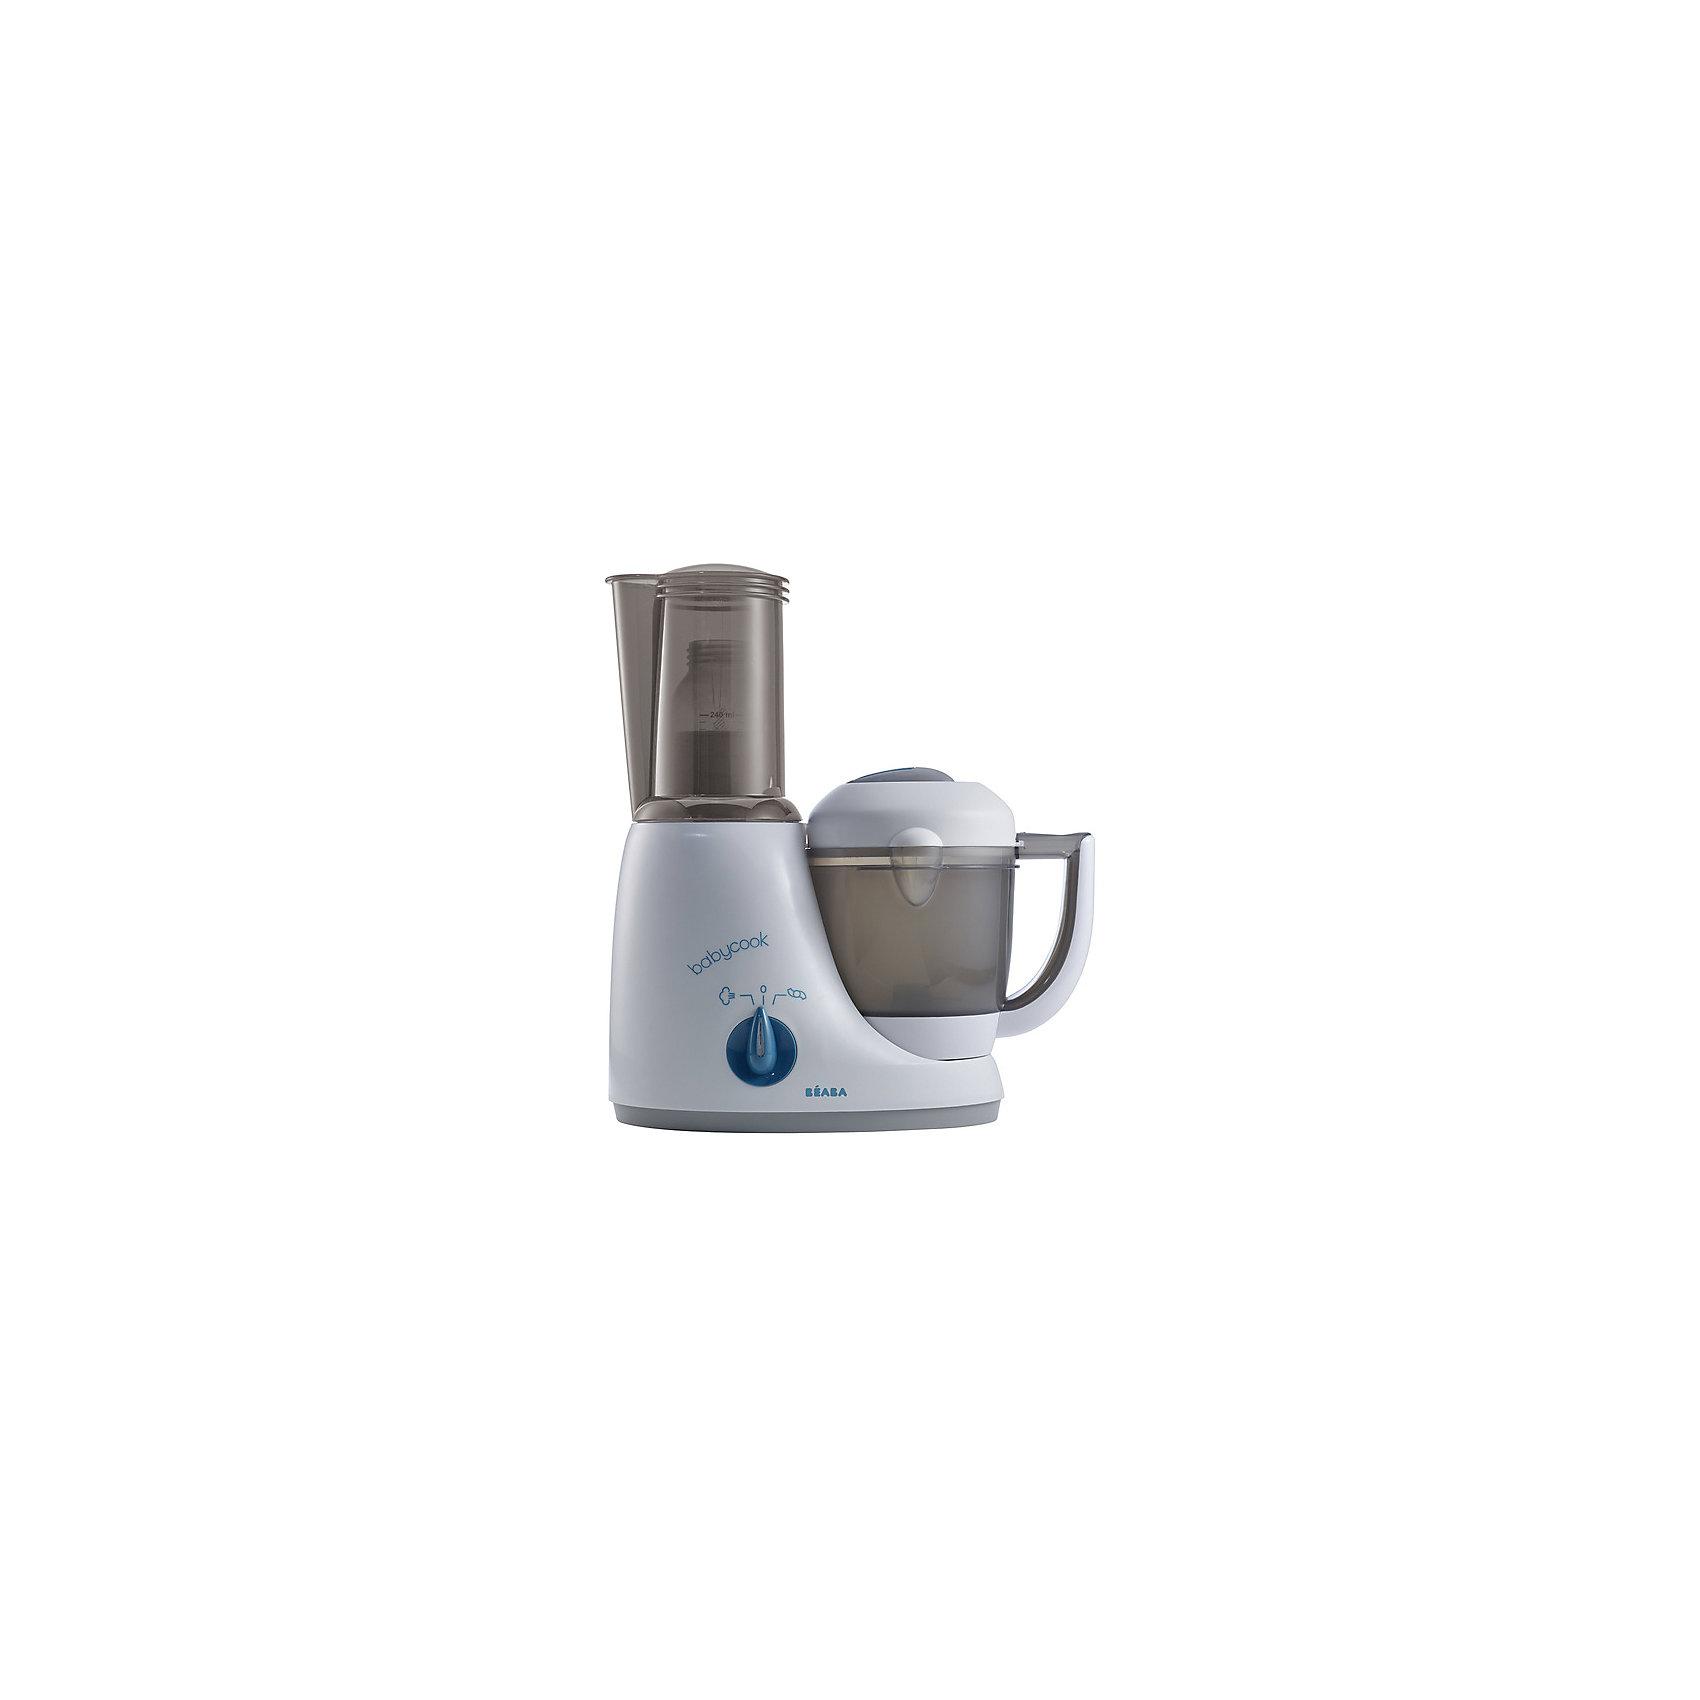 Блендер-пароварка Babycook Original Plus с адаптером, серо-голубойБлендер-пароварка Babycook Original Plus с адаптером, серо-голубой, Beaba (Беаба)<br><br>Характеристики: <br><br>• измельчает пищу, готовит на пару, размораживает и подогревает<br>• можно использовать как стерилизатор для бутылочек<br>• после варки можно отделить бульон для приготовления пюре<br>• готовит за 15 минут, сохраняя все витамины<br>• автоматическое отключение<br>• встроенный дозатор воды<br>• в комплекте: блендер-пароварка, крышка для перемешивания, лопатка, книга рецептов<br>• материал: пластик<br>• объем: 600 мл<br>• вес: 2400 грамм<br><br>Блендер-пароварка Babycook Original Plus - универсальный помощник для любой хозяйки. Он готовит любые продукты на пару за 10-20 минут, измельчает пищу, размораживает и подогревает продукты. Съемная приставка позволяет использовать его в качестве стерилизатора для детских бутылочек. При приготовлении пищи на пару все витамины и полезные элементы сохраняются в еде. Встроенный дозатор поможет вам отмерить необходимое количество воды для приготовления. Техника оснащена функцией автоматического отключения, чтобы вы имогли играть с ребенком, не отвлекаясь на процесс приготовления.<br><br>Блендер-пароварку Babycook Original Plus с адаптером, серо-голубой, Beaba (Беаба) можно купить в нашем интернет-магазине.<br><br>Ширина мм: 270<br>Глубина мм: 136<br>Высота мм: 325<br>Вес г: 2180<br>Возраст от месяцев: 4<br>Возраст до месяцев: 2147483647<br>Пол: Унисекс<br>Возраст: Детский<br>SKU: 5445704